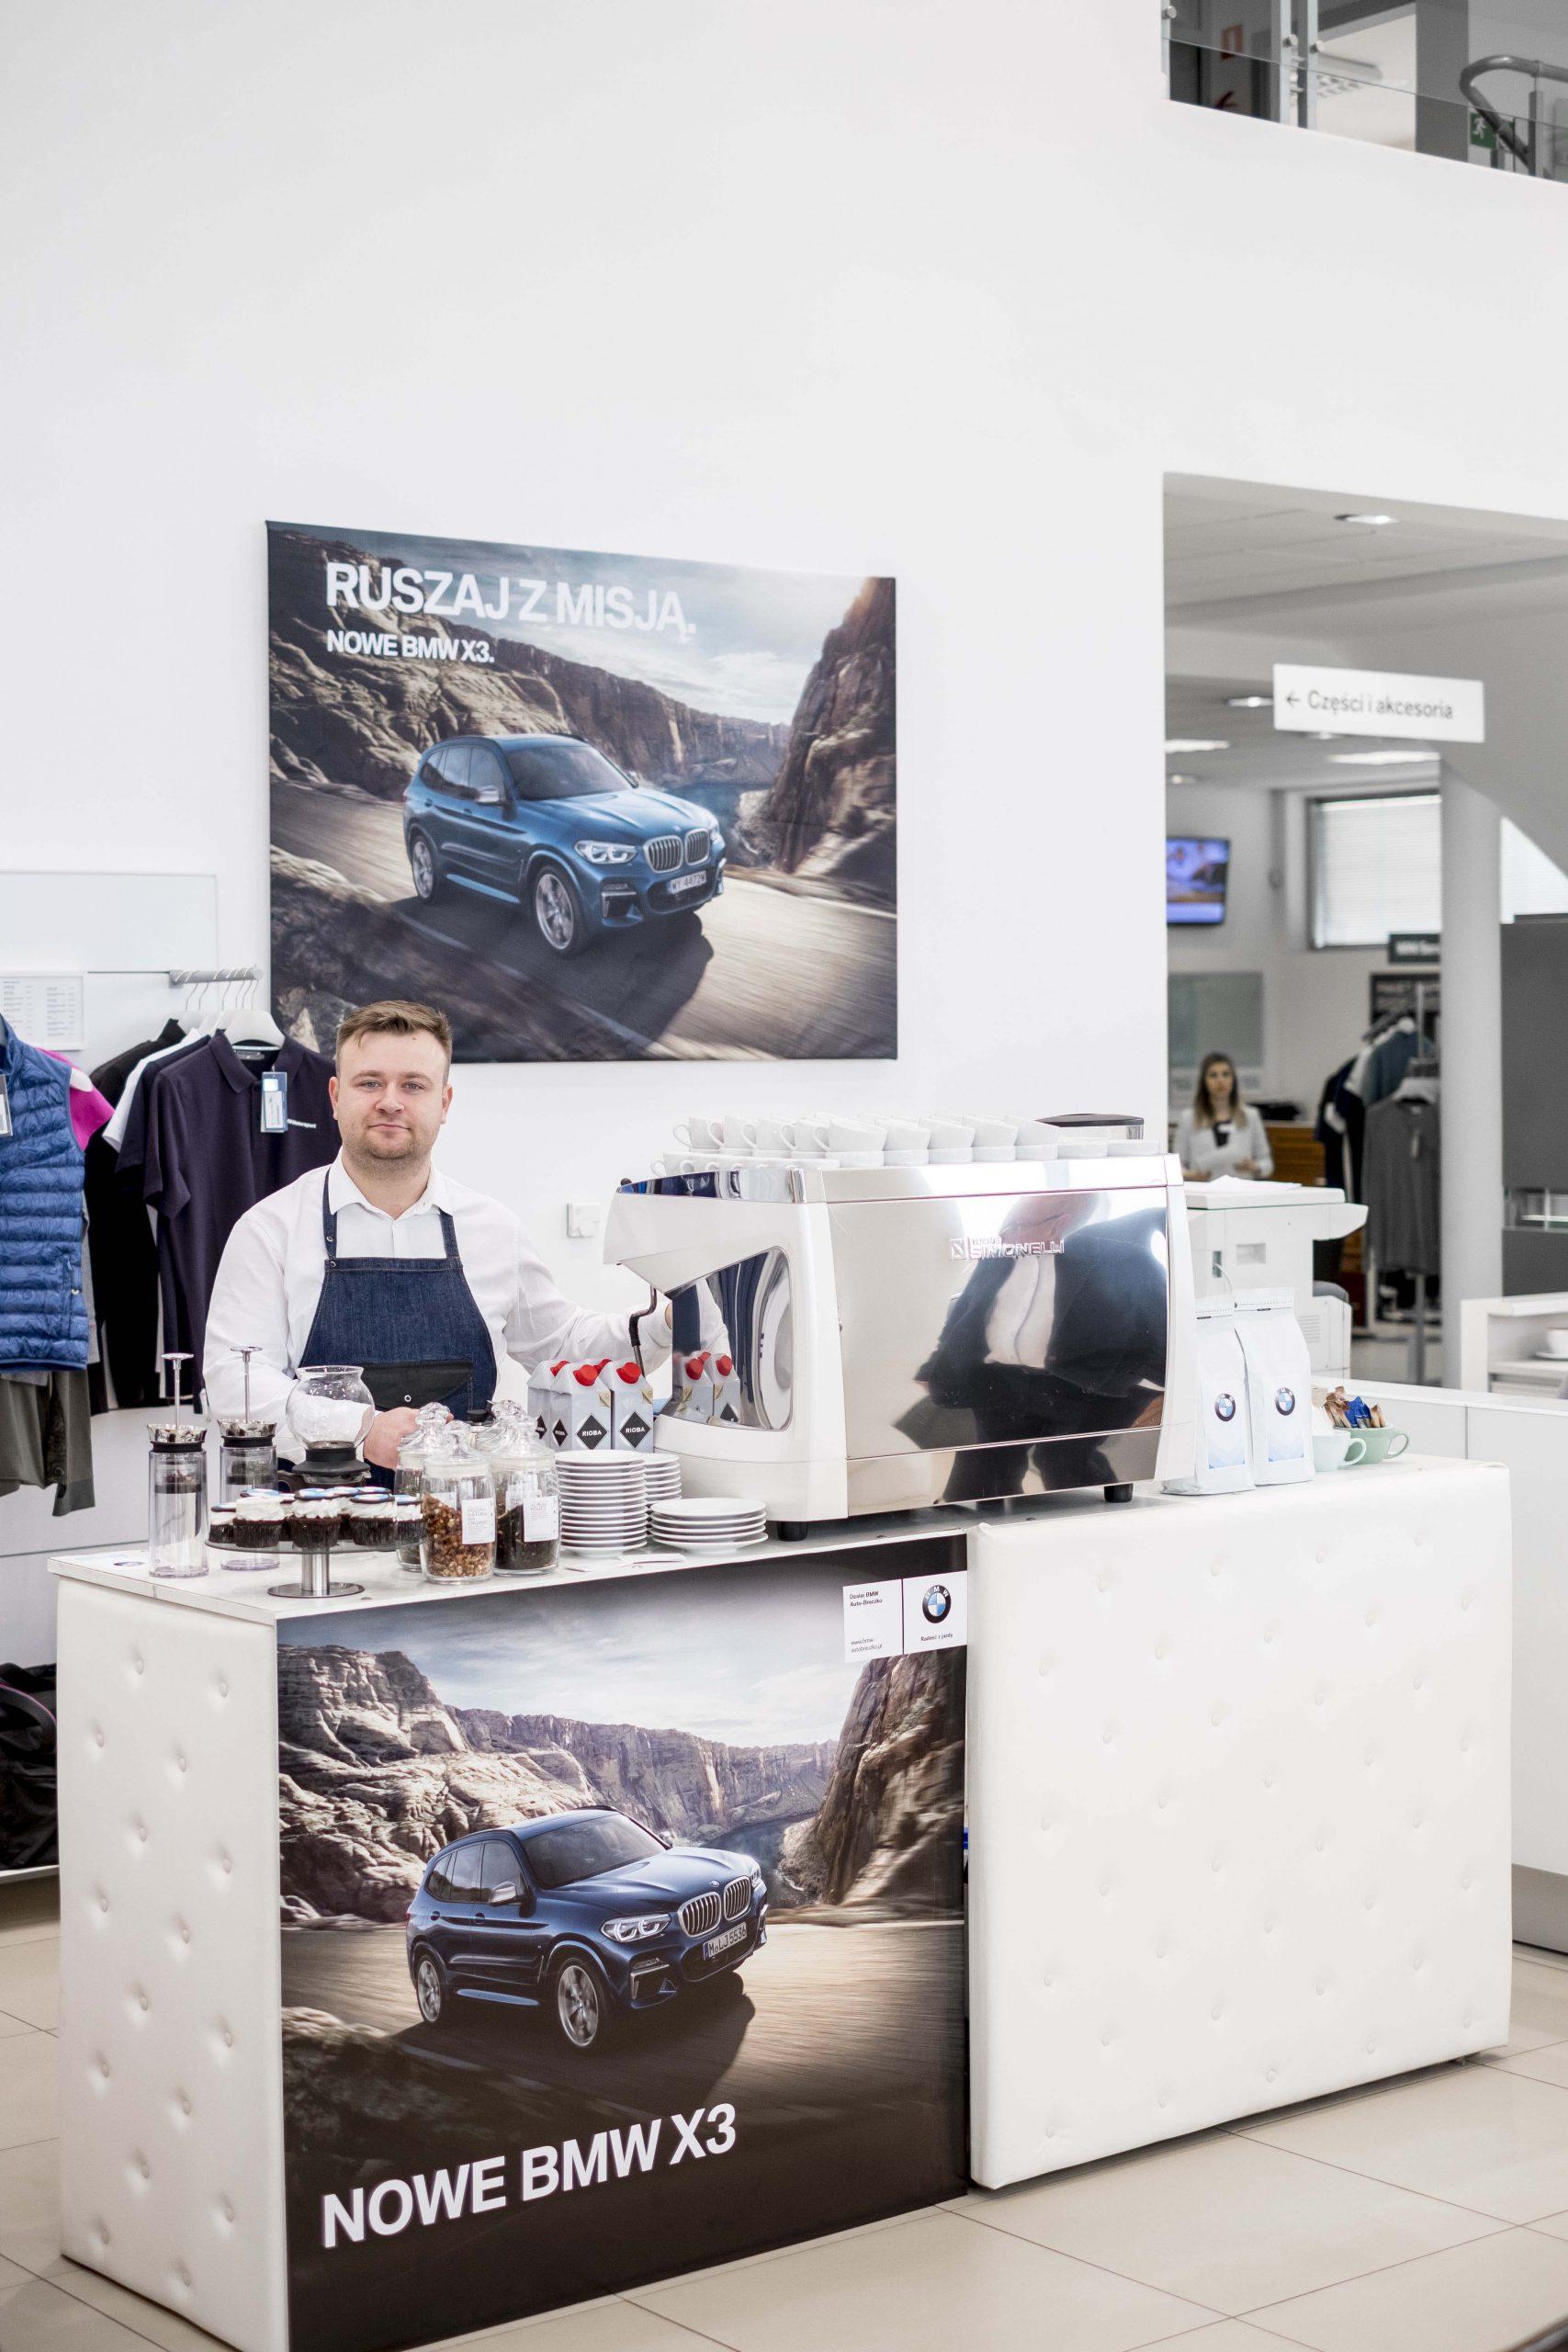 mobilny bar na event firmowy BMW